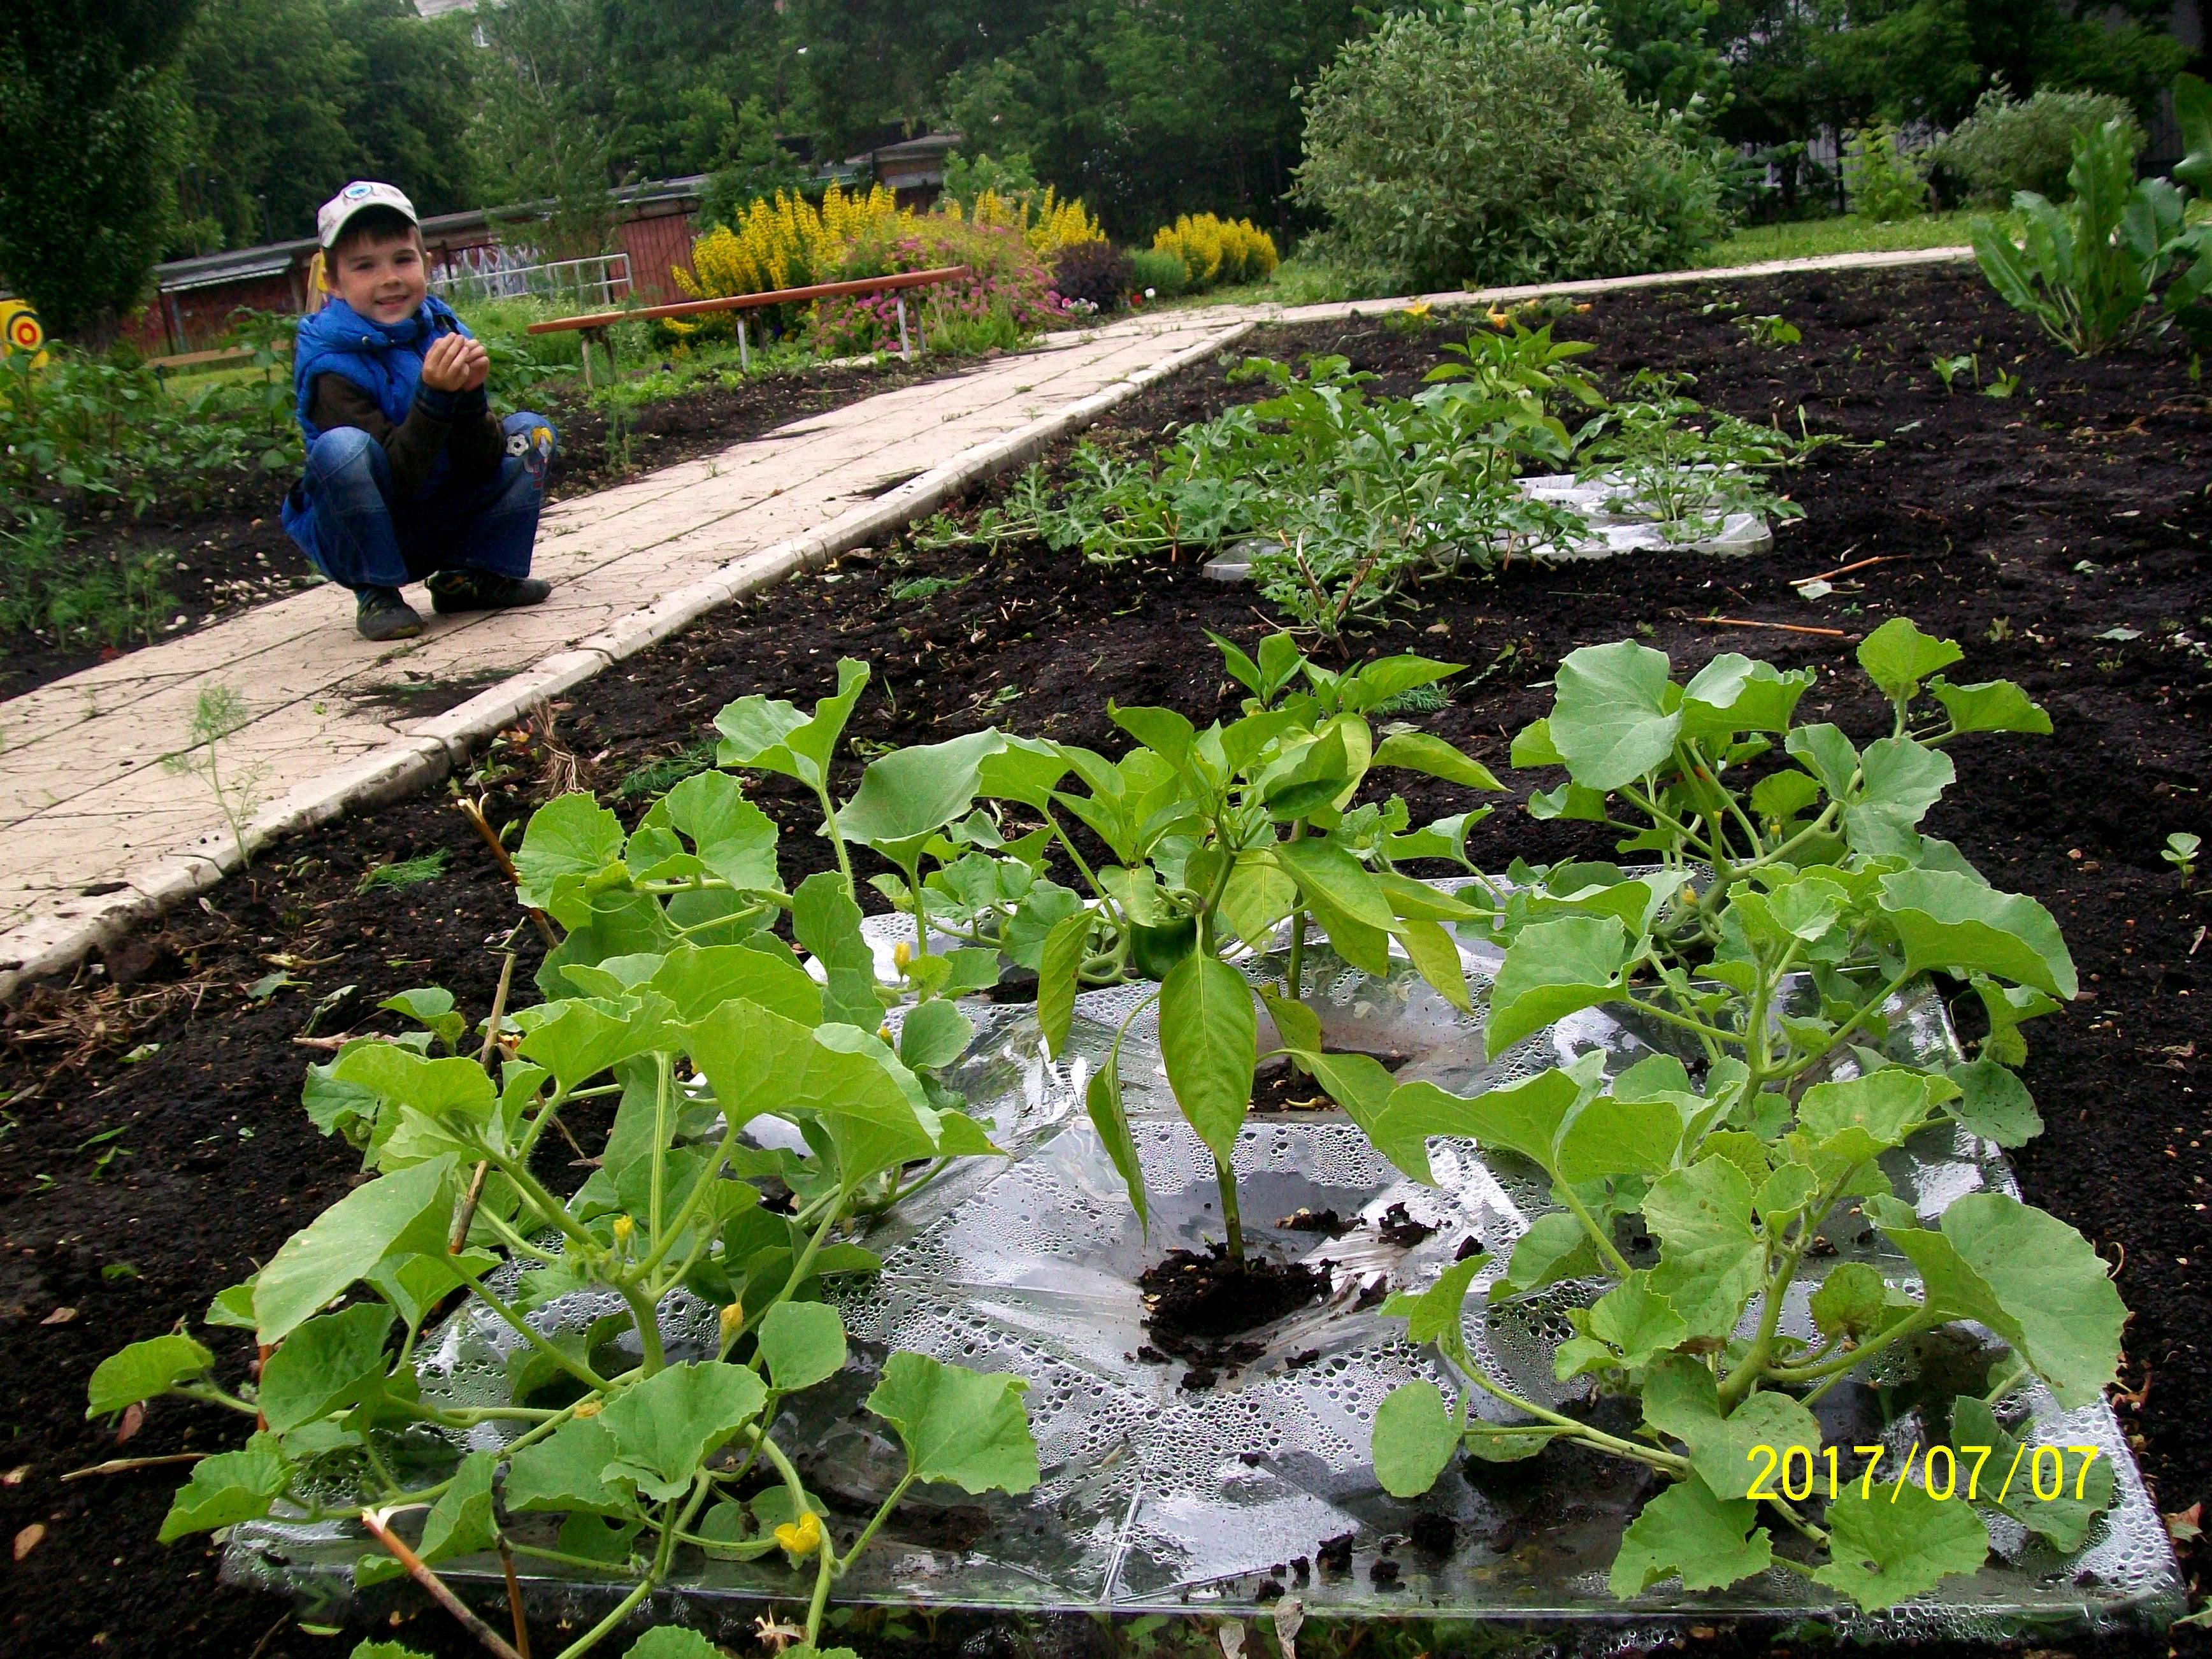 В детском саду в агропанелях растут арбузы, дыни и перцы